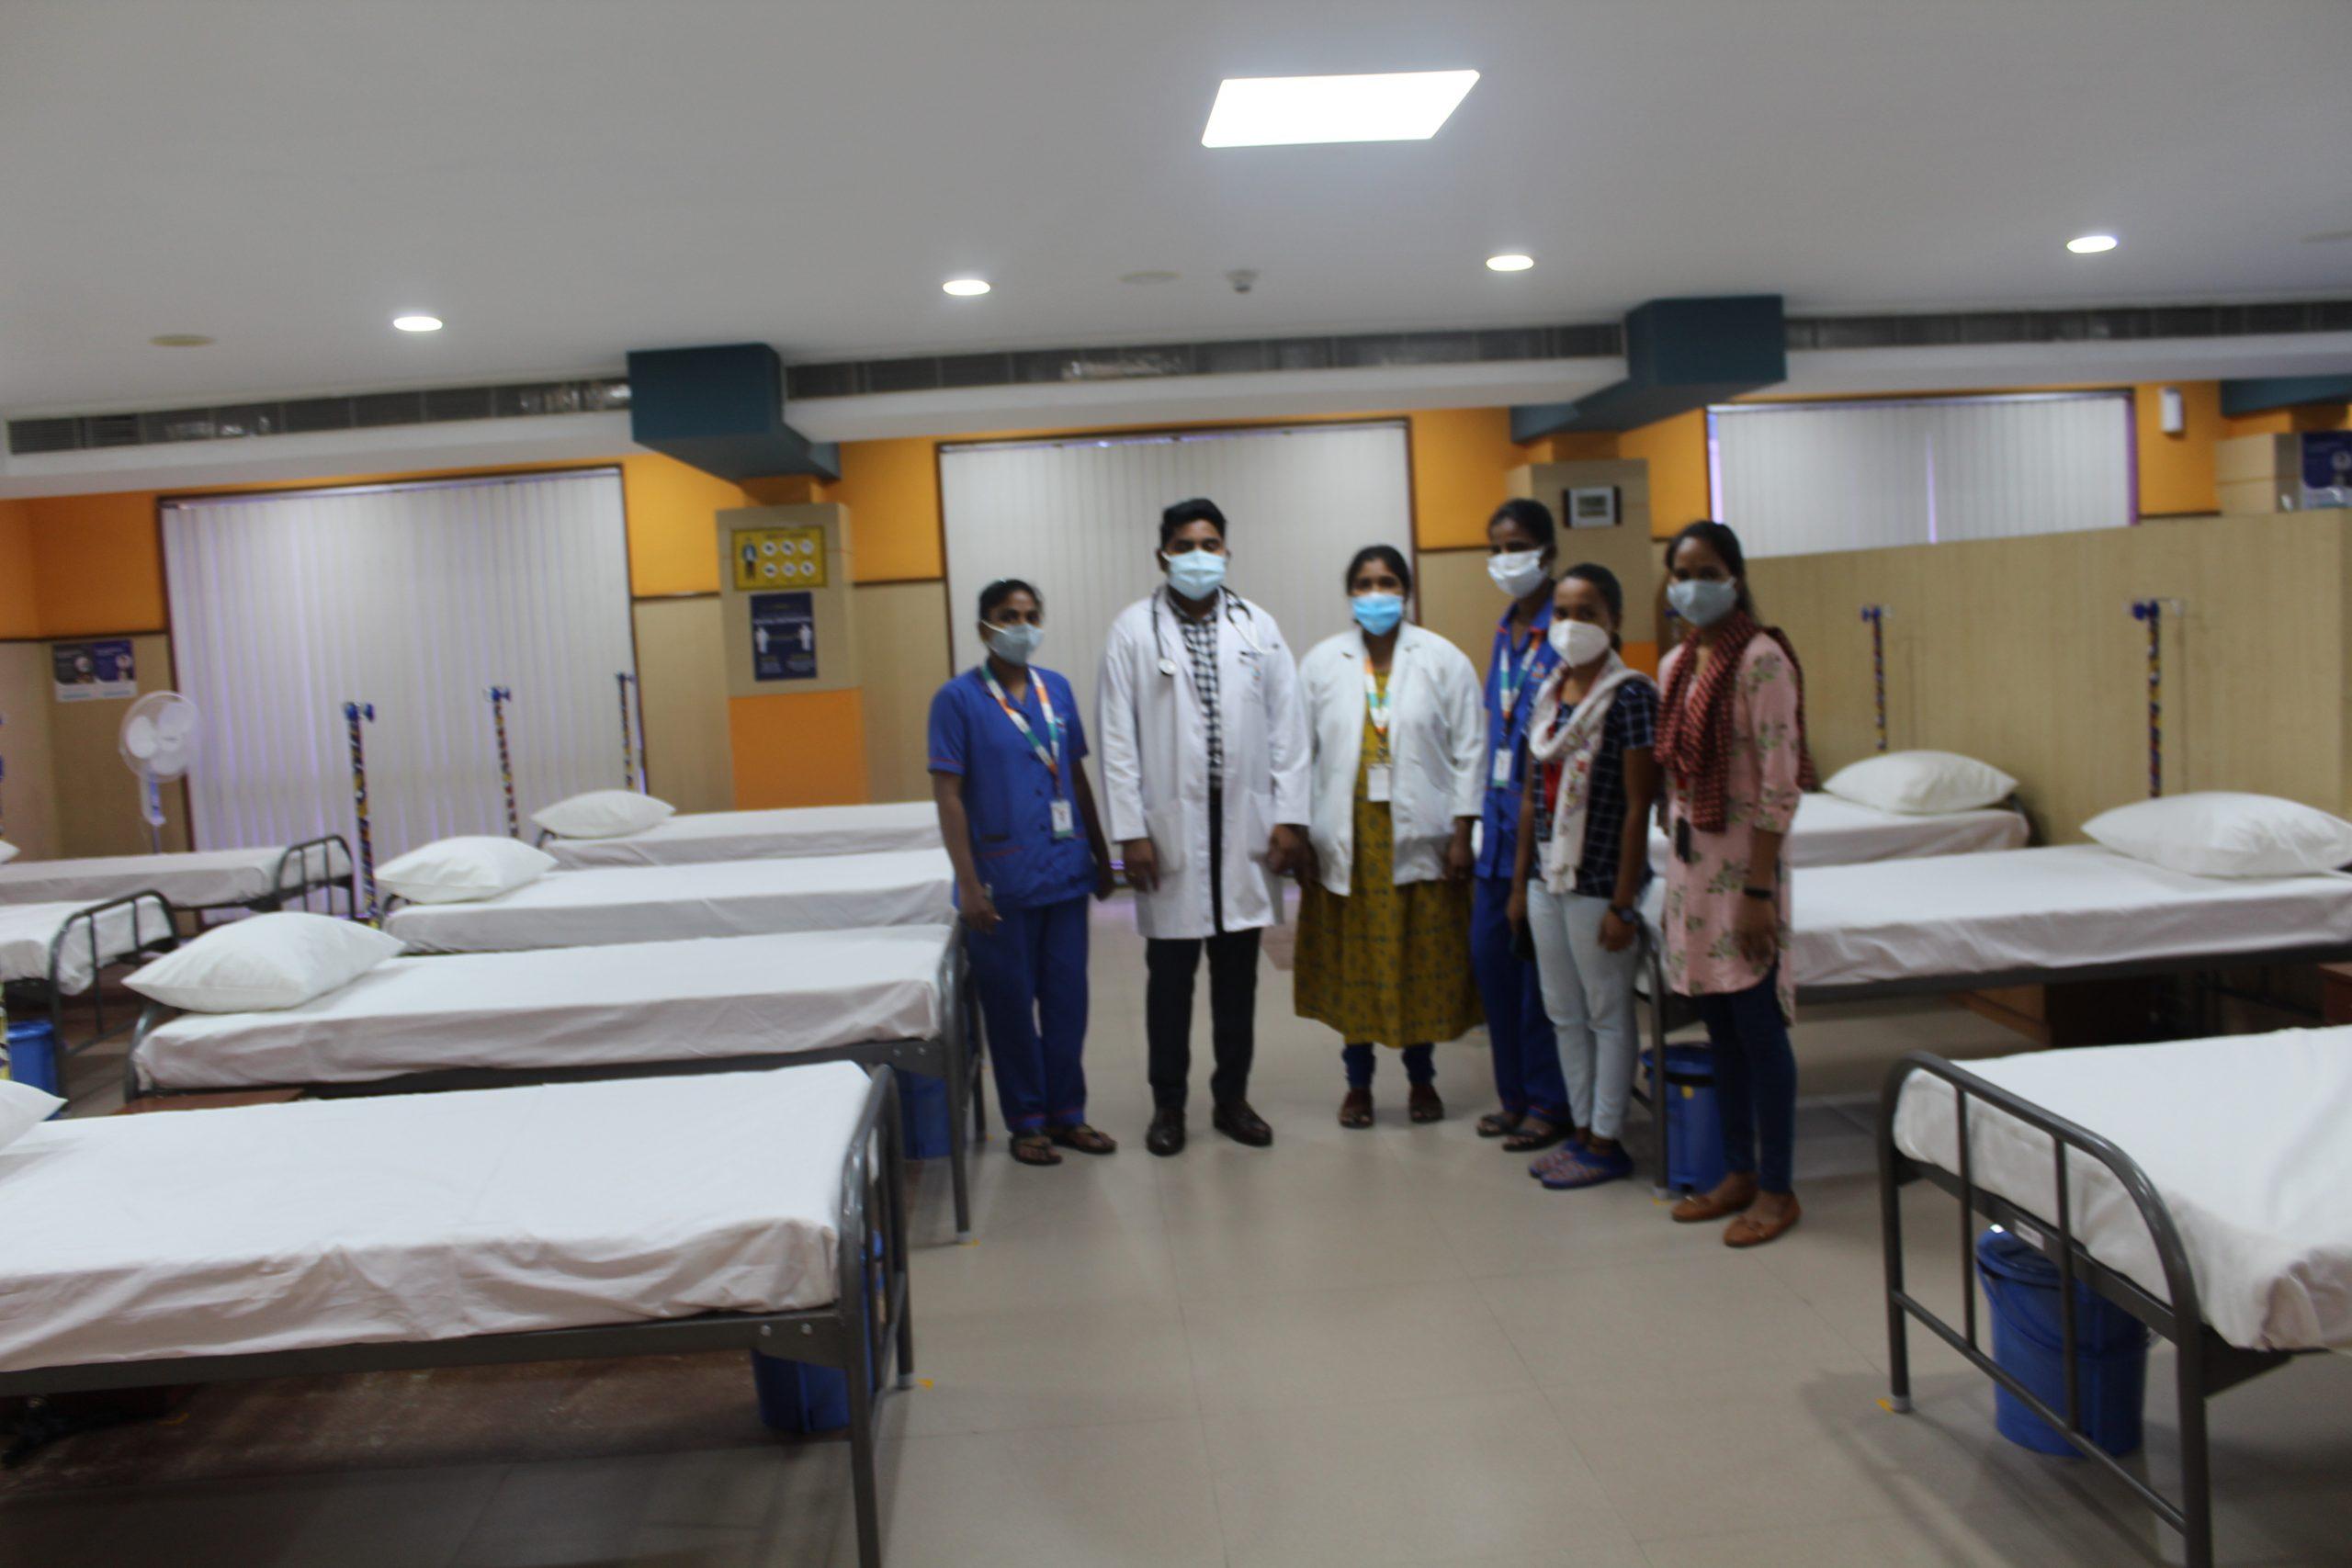 Hyderabad: IT company Virtusa sets up COVID-19 care facility